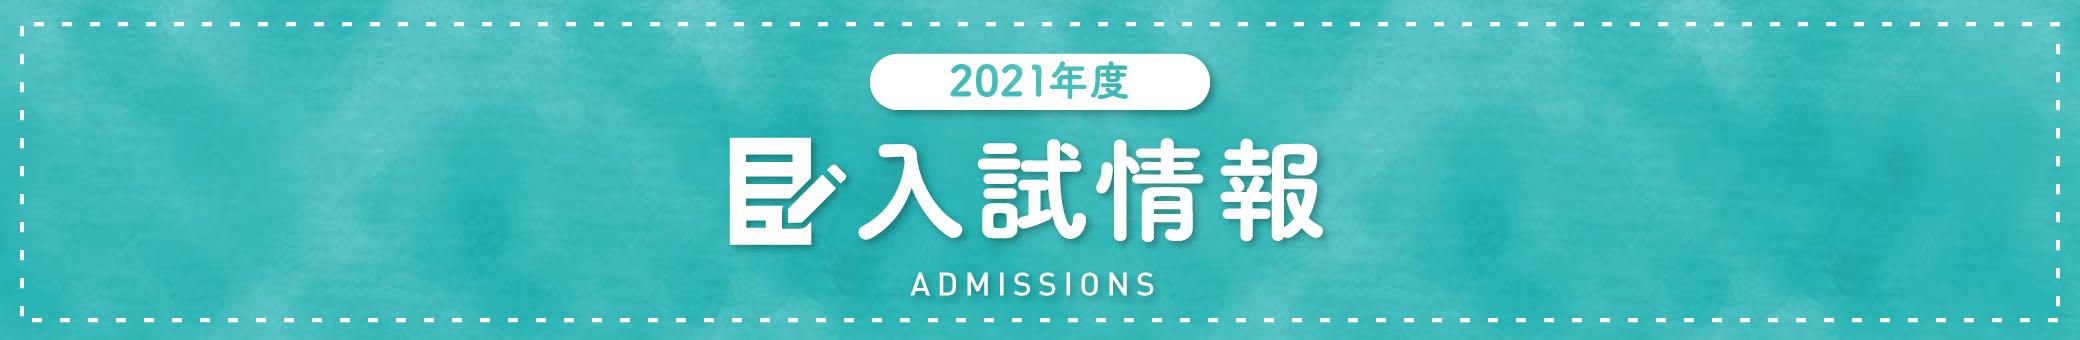 2021年度入試情報